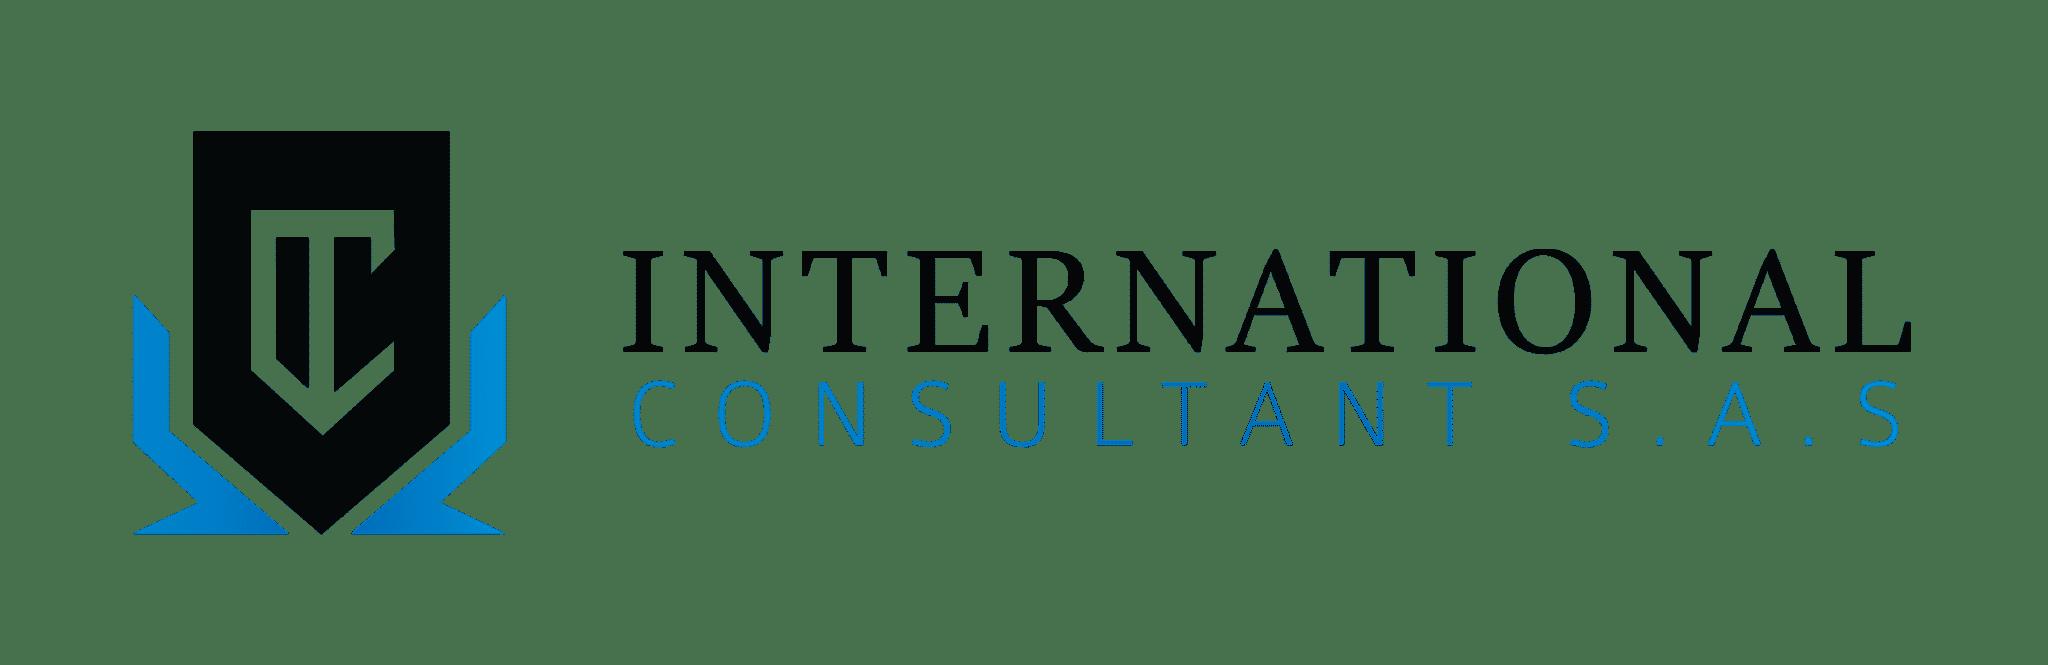 International Consultant